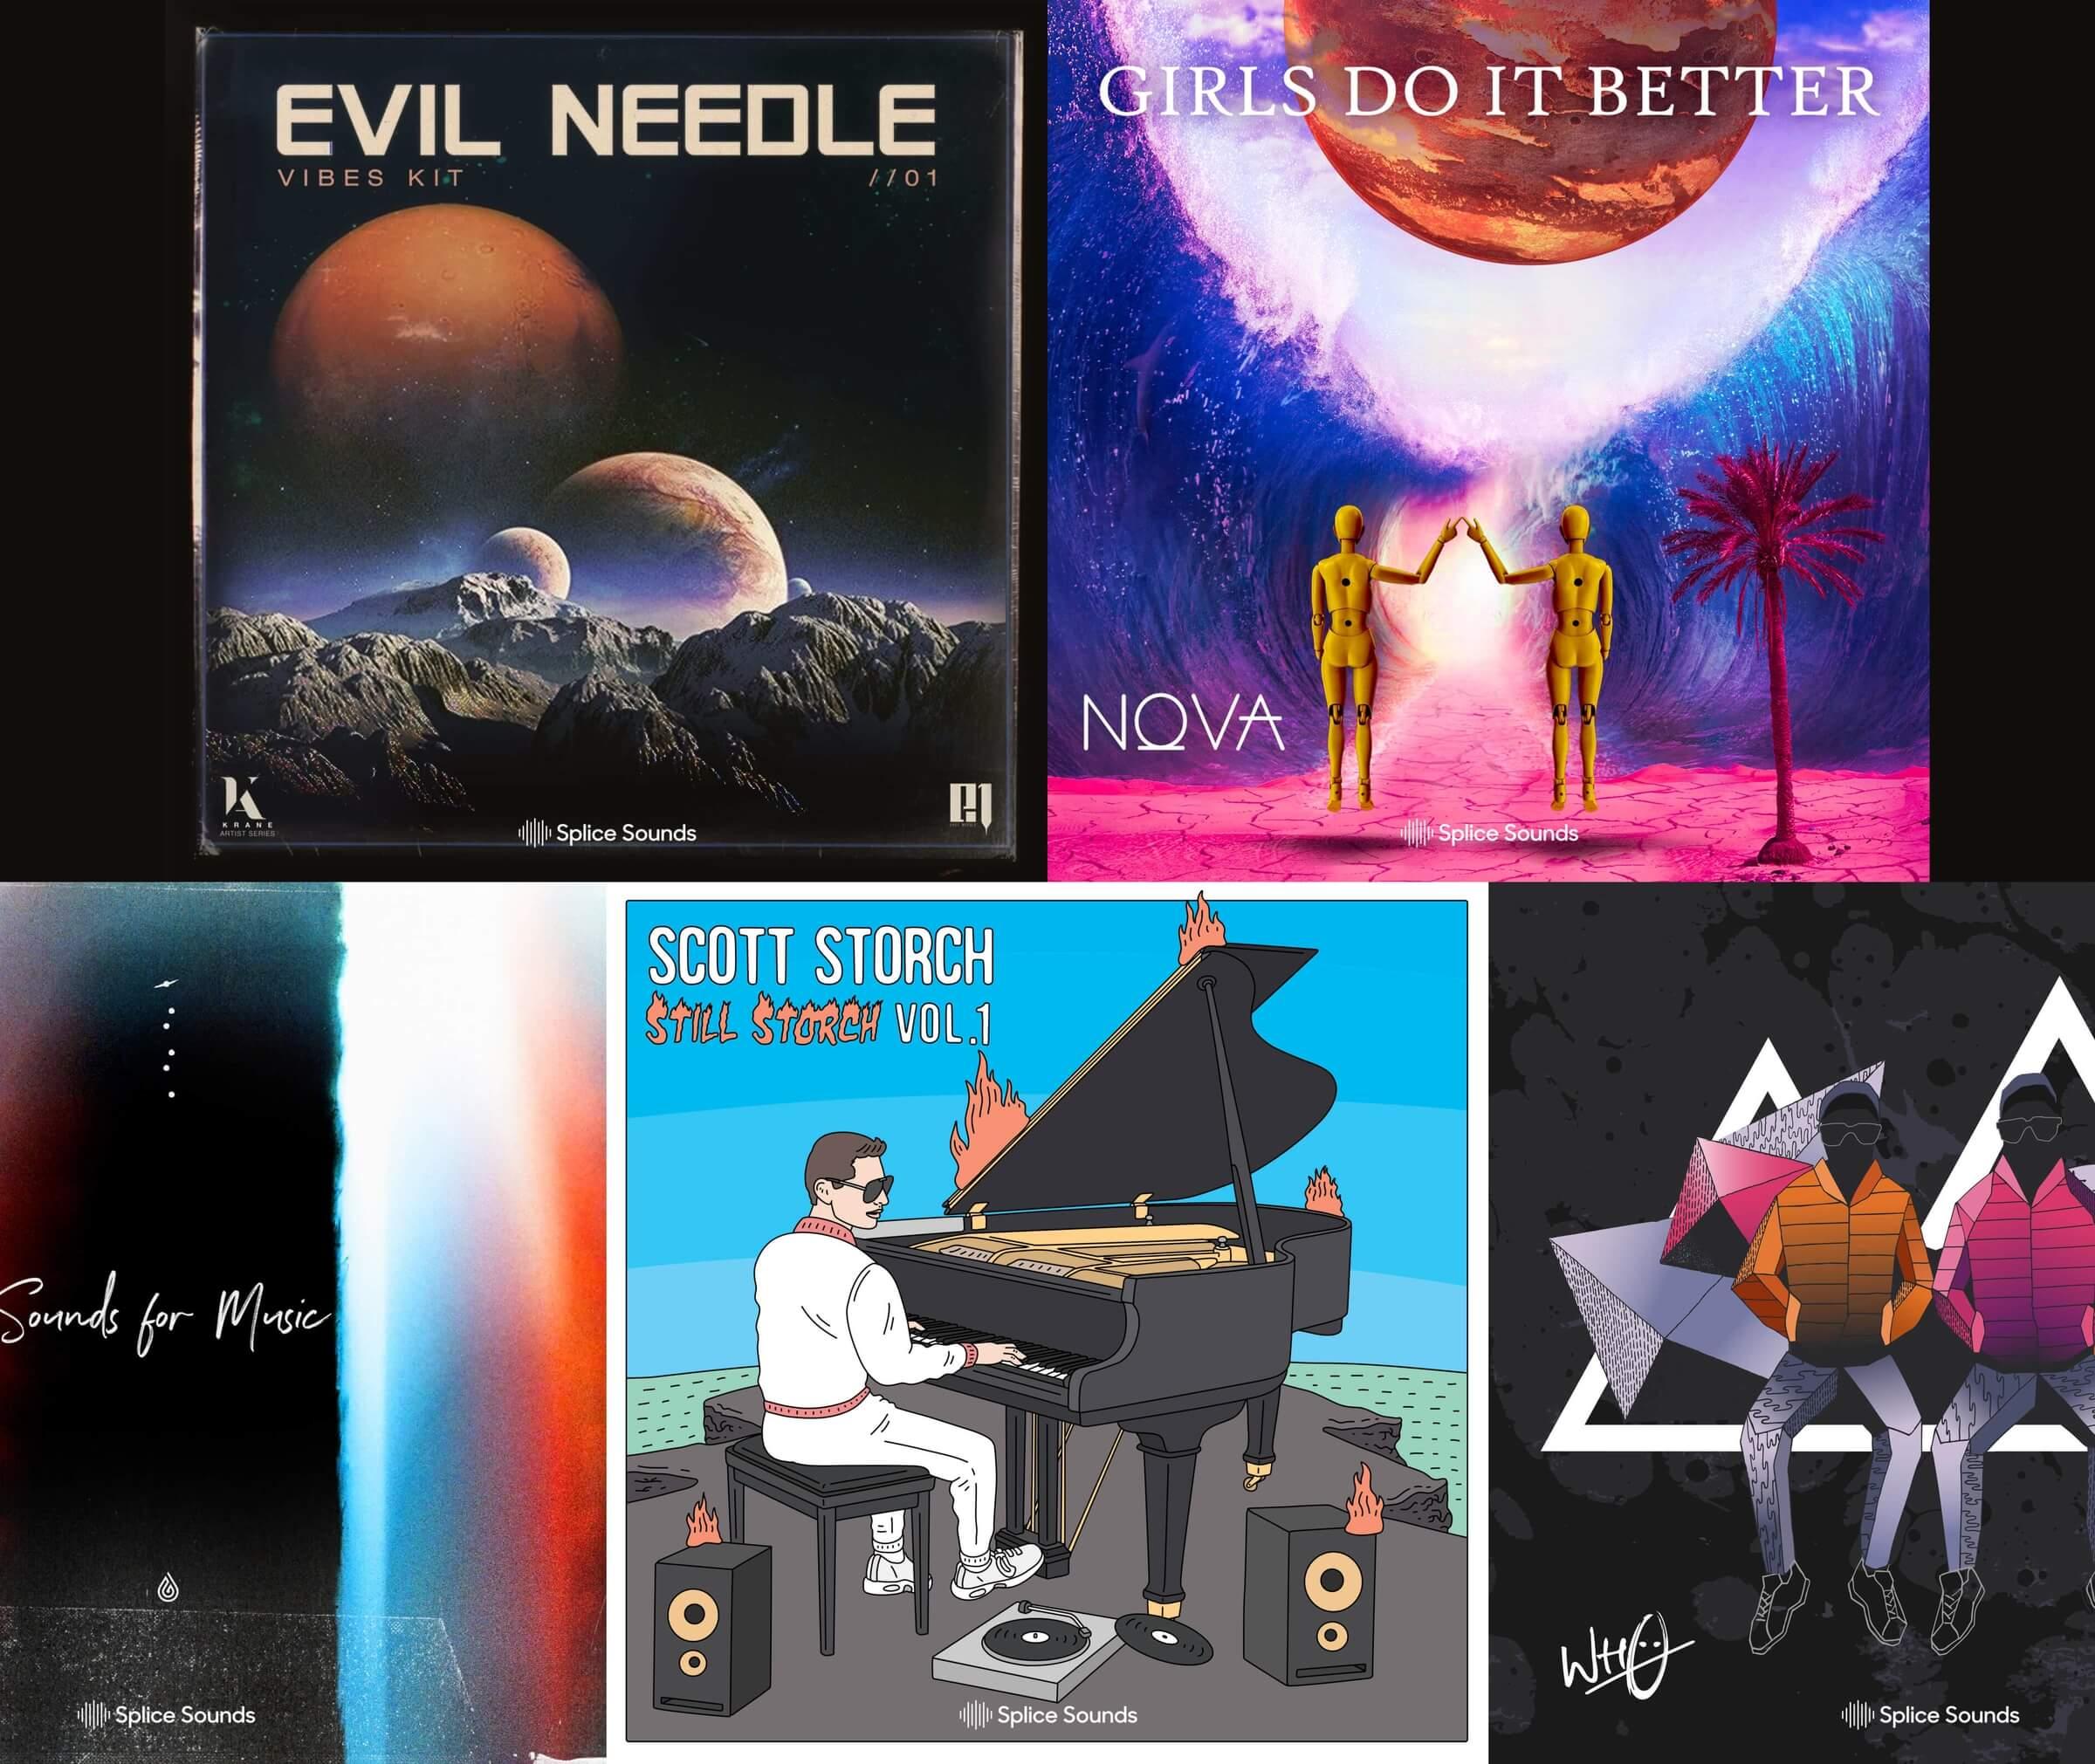 New sounds from Evil Needle, Scott Storch, Yoe Mase, Nova